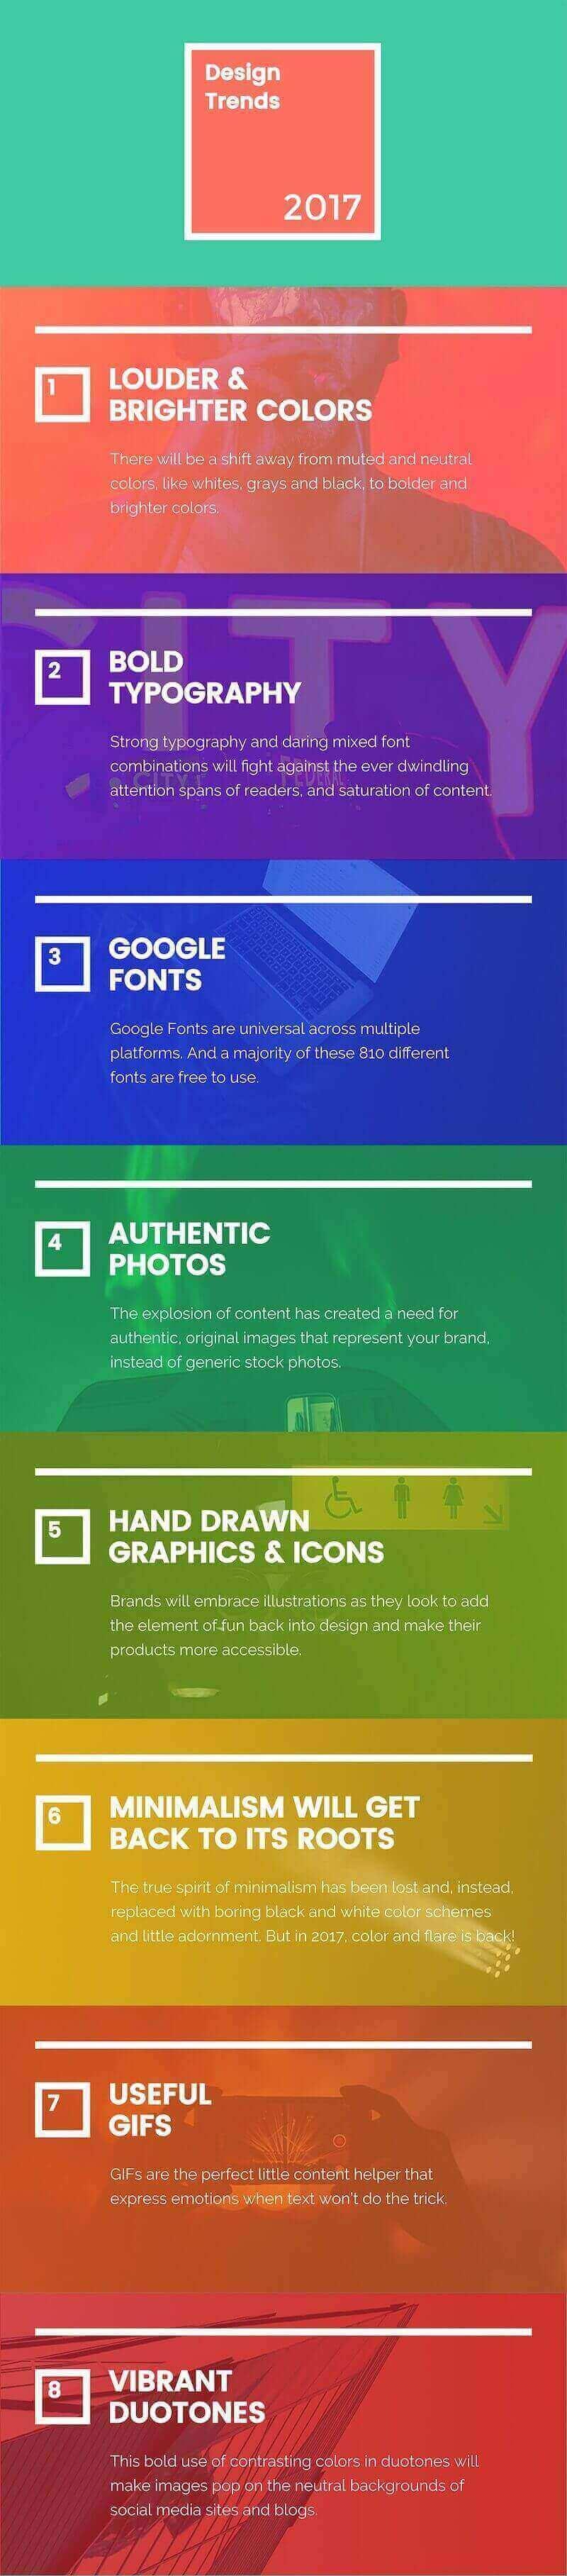 Graphic-Design-Trends-2017